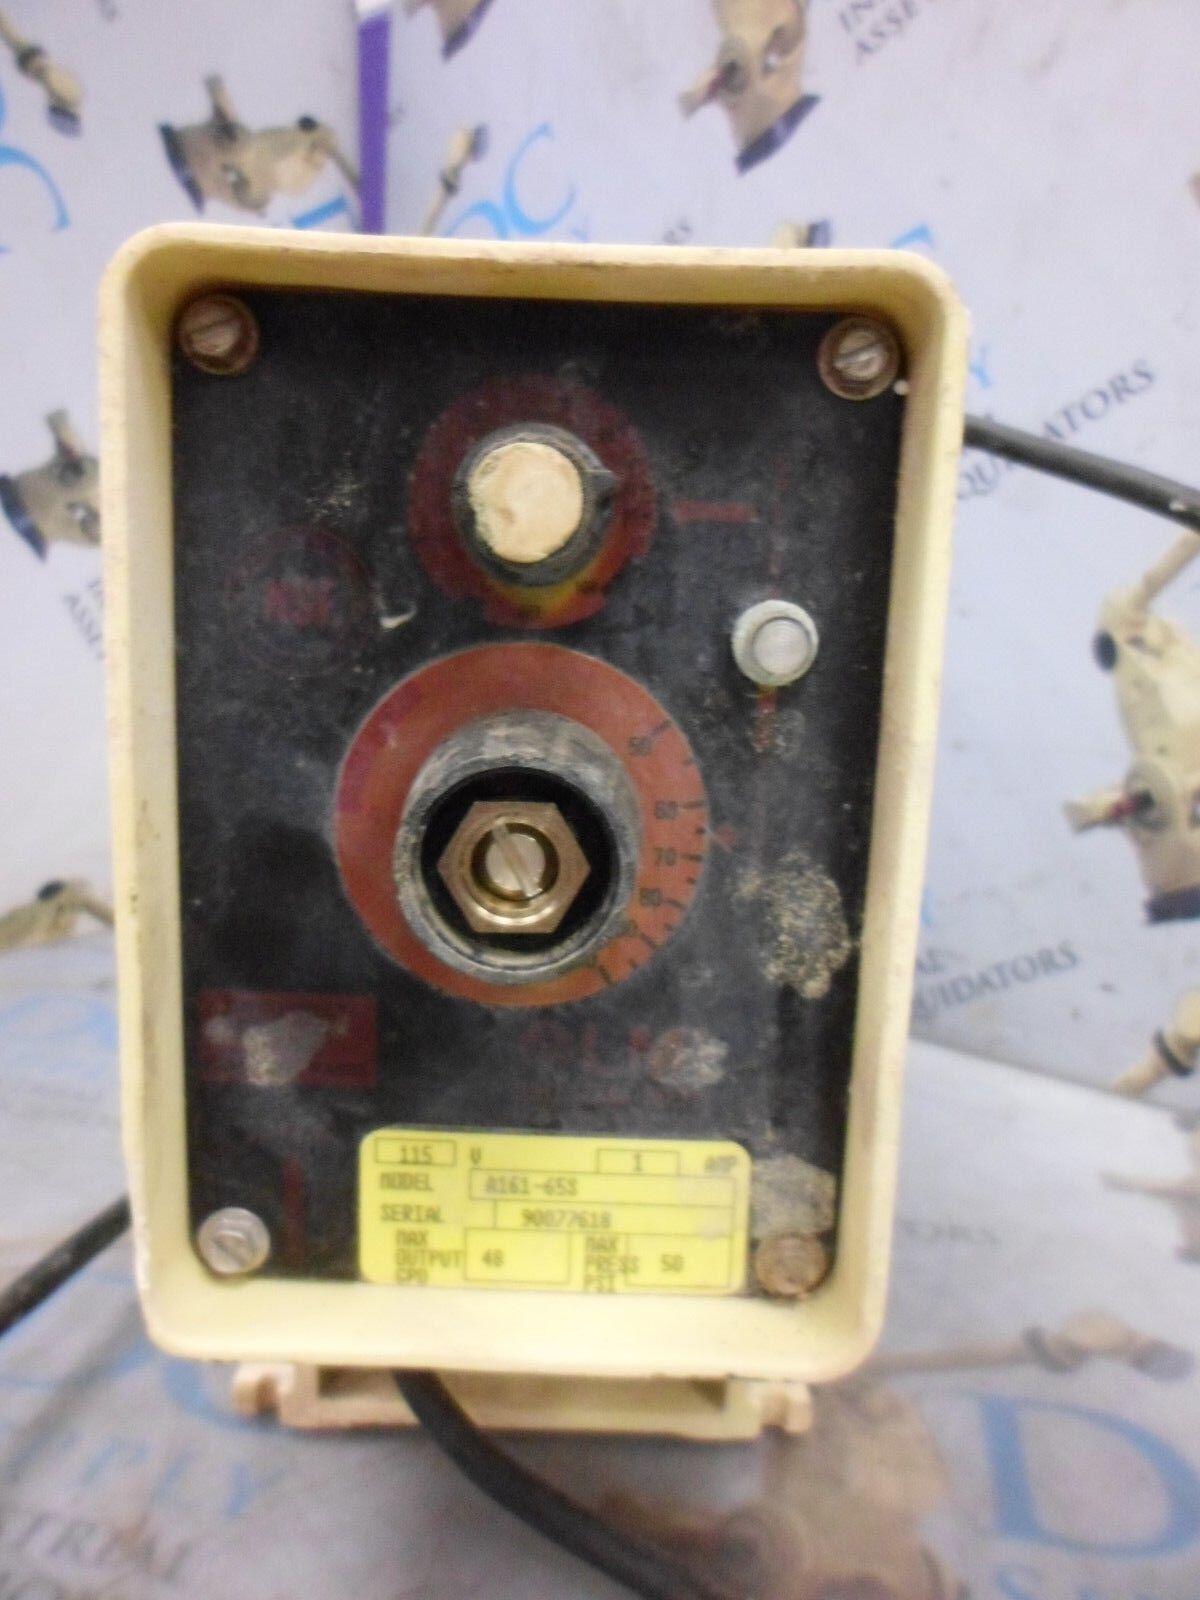 LMI milton roy A161-65S 115 V 1 a 50 Psi Bomba 48 Gpd Bomba Psi Dosificadora 5d7ebe